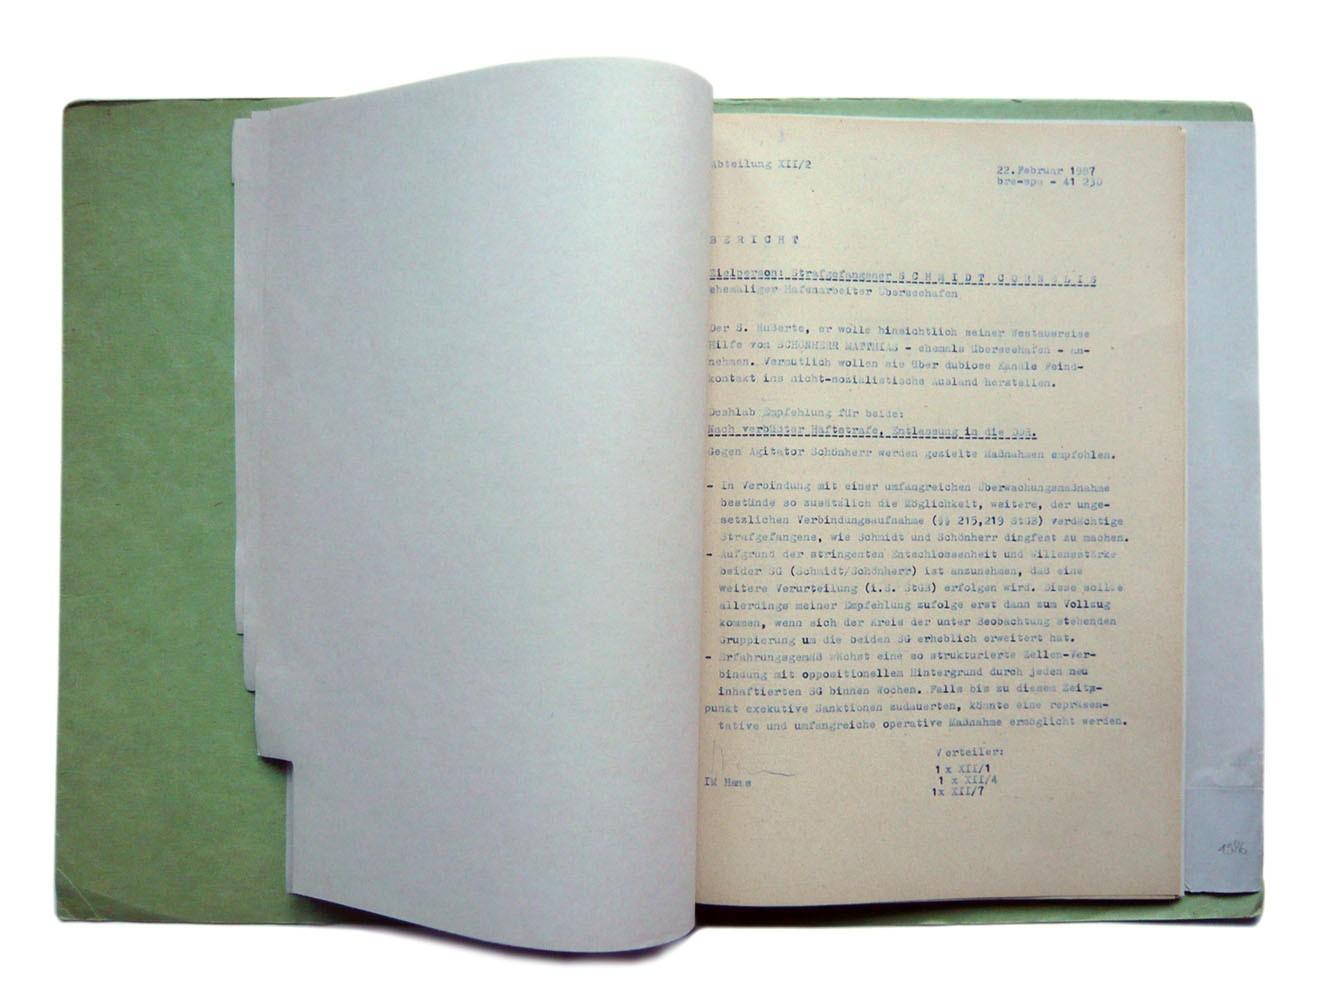 Spezialrequisite // Stasi-Akte, Blaupause